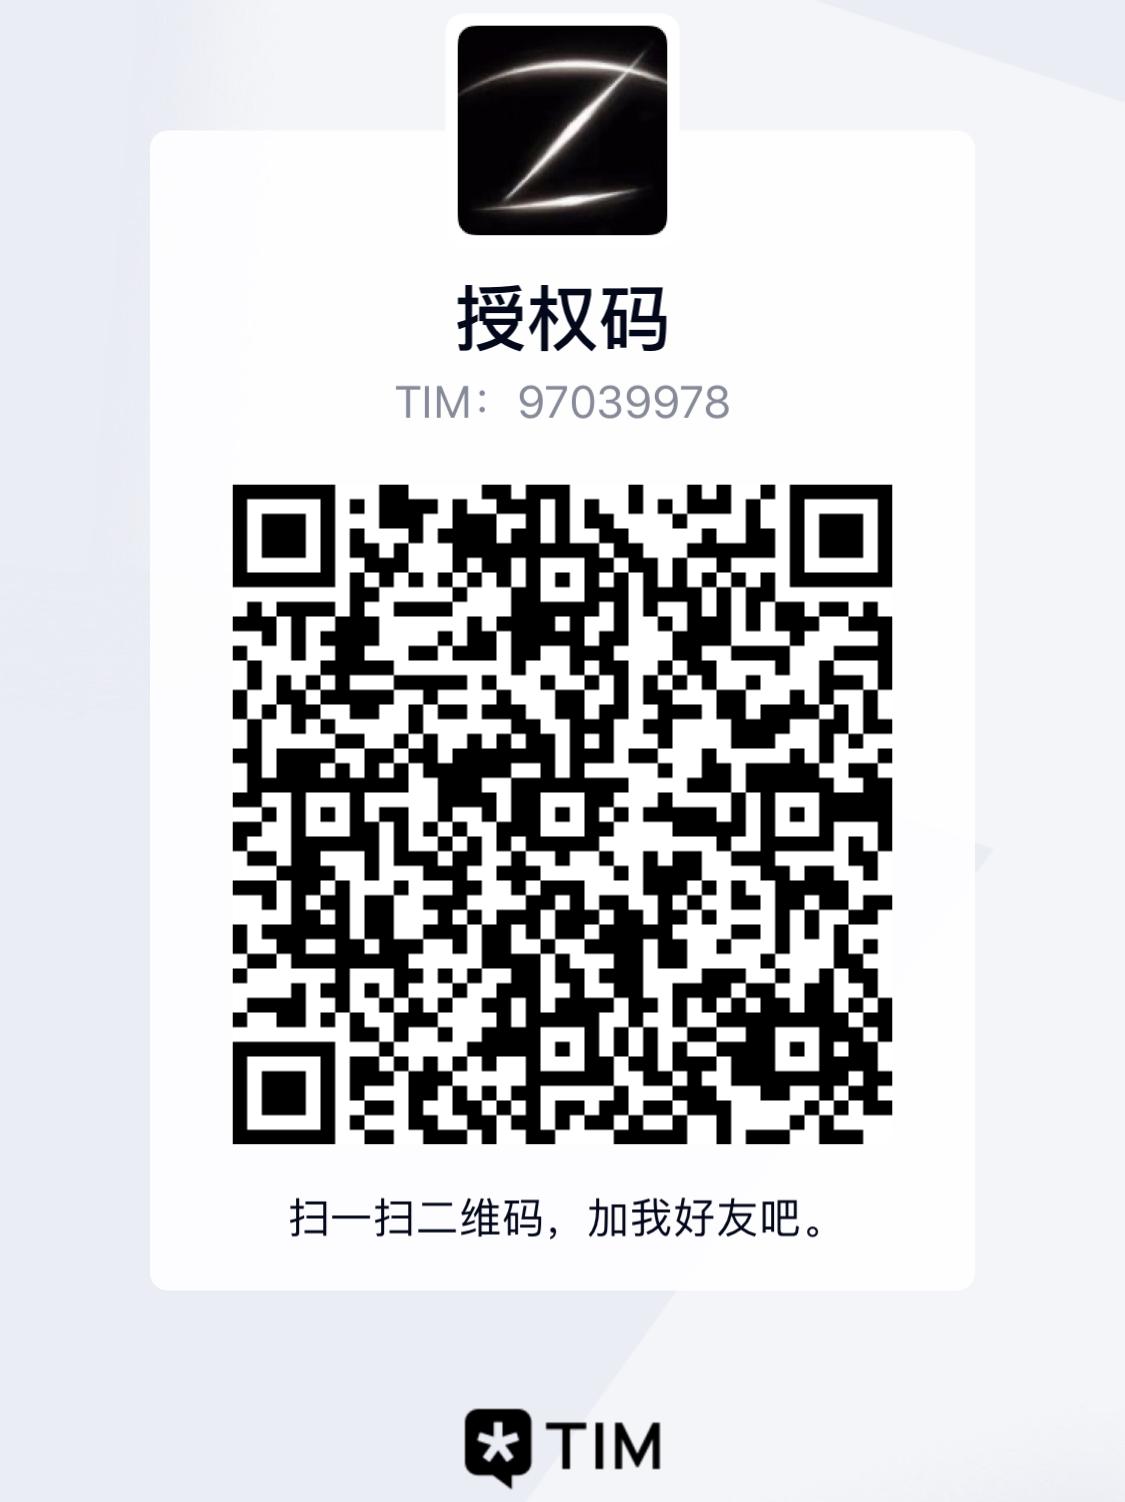 佐罗QQ客服 QQ 97039978